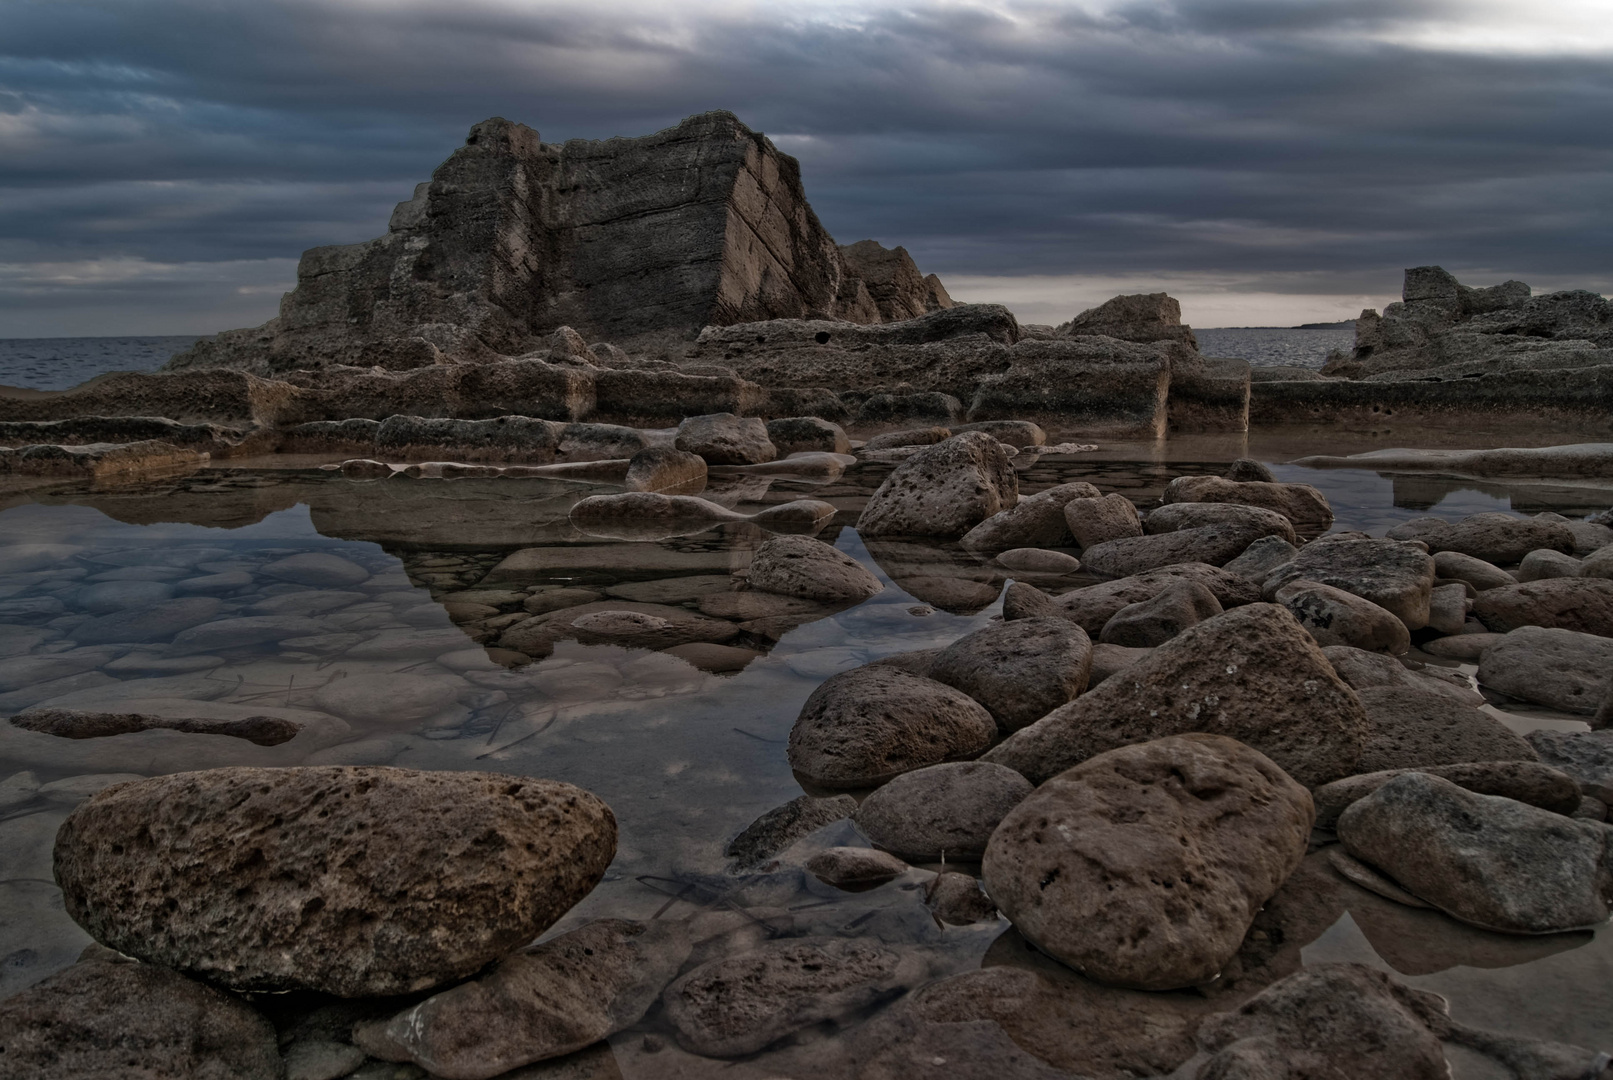 piedras de mares